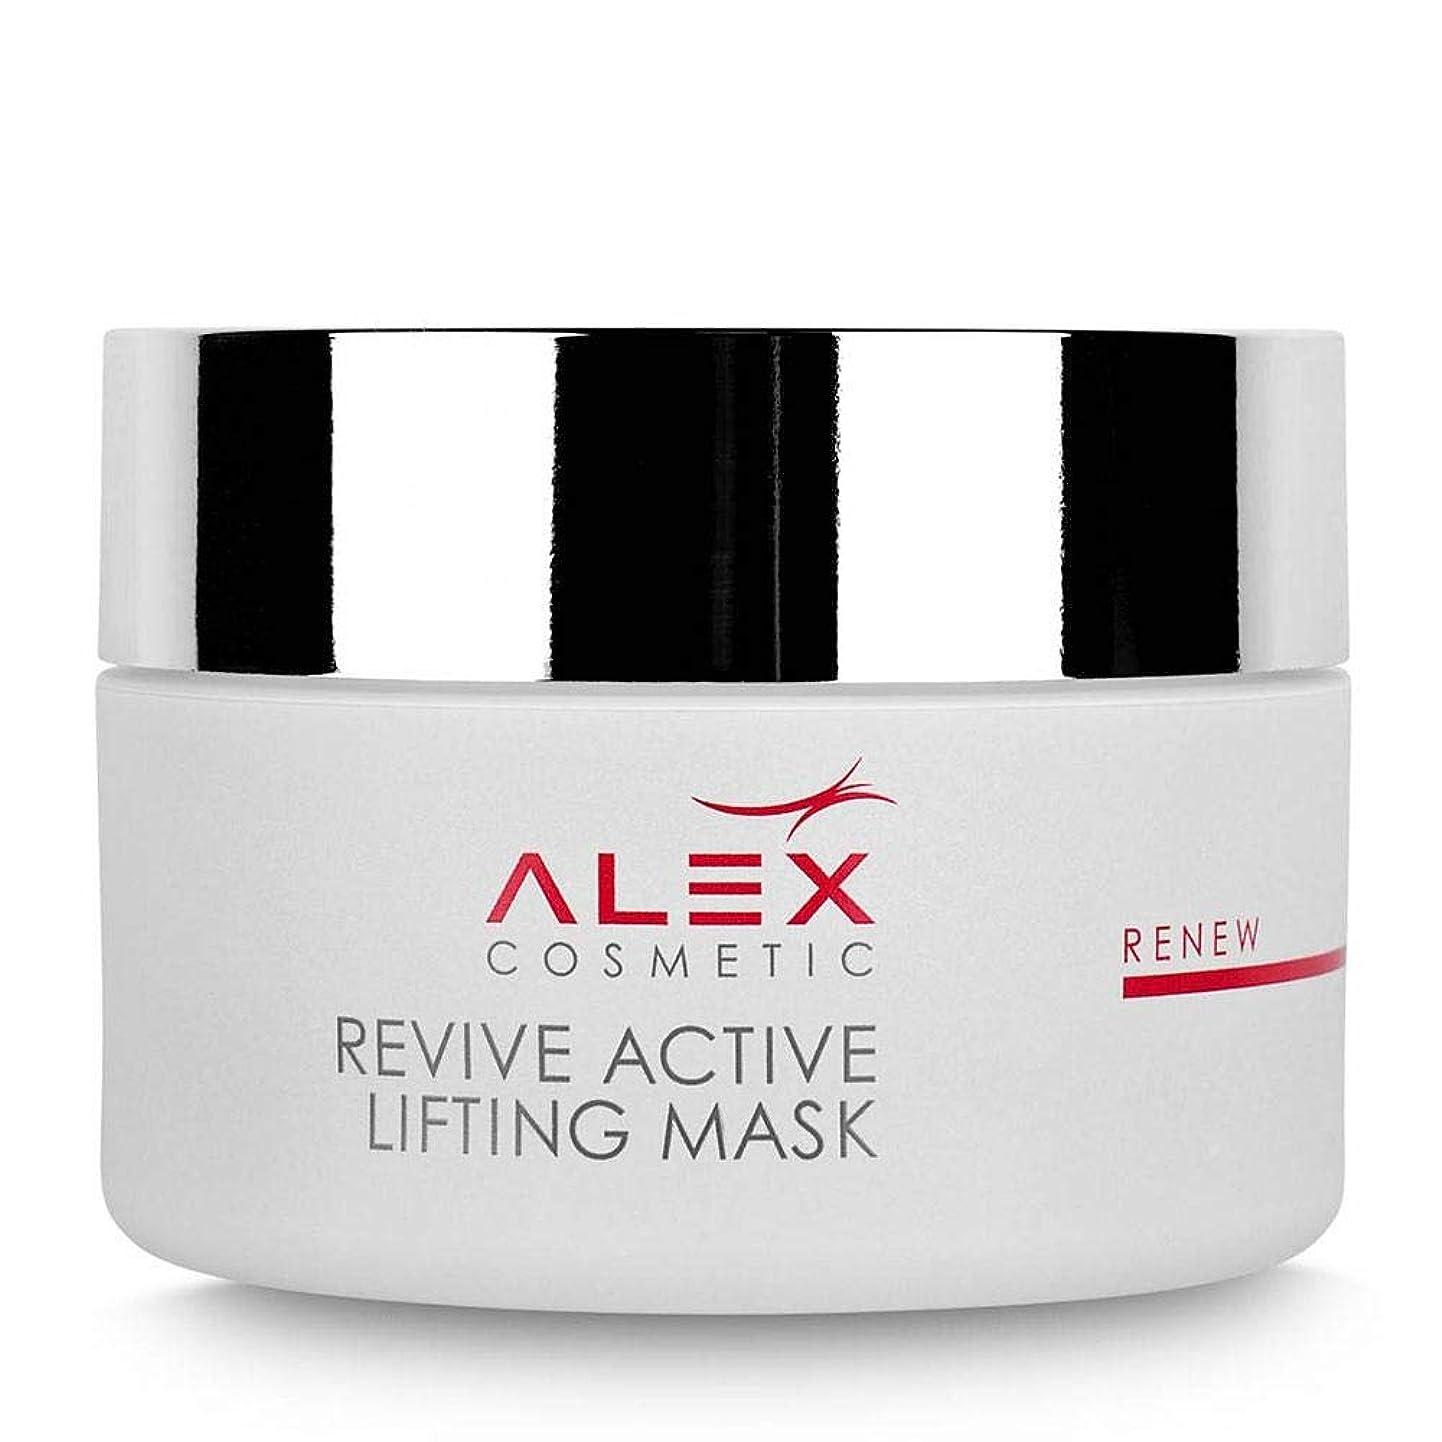 禁輸センチメンタル含むAlex アレックス コスメ vive Active Lifting Mask リバイブ アクティブ リフティング マスク 50ml【並行輸入品】